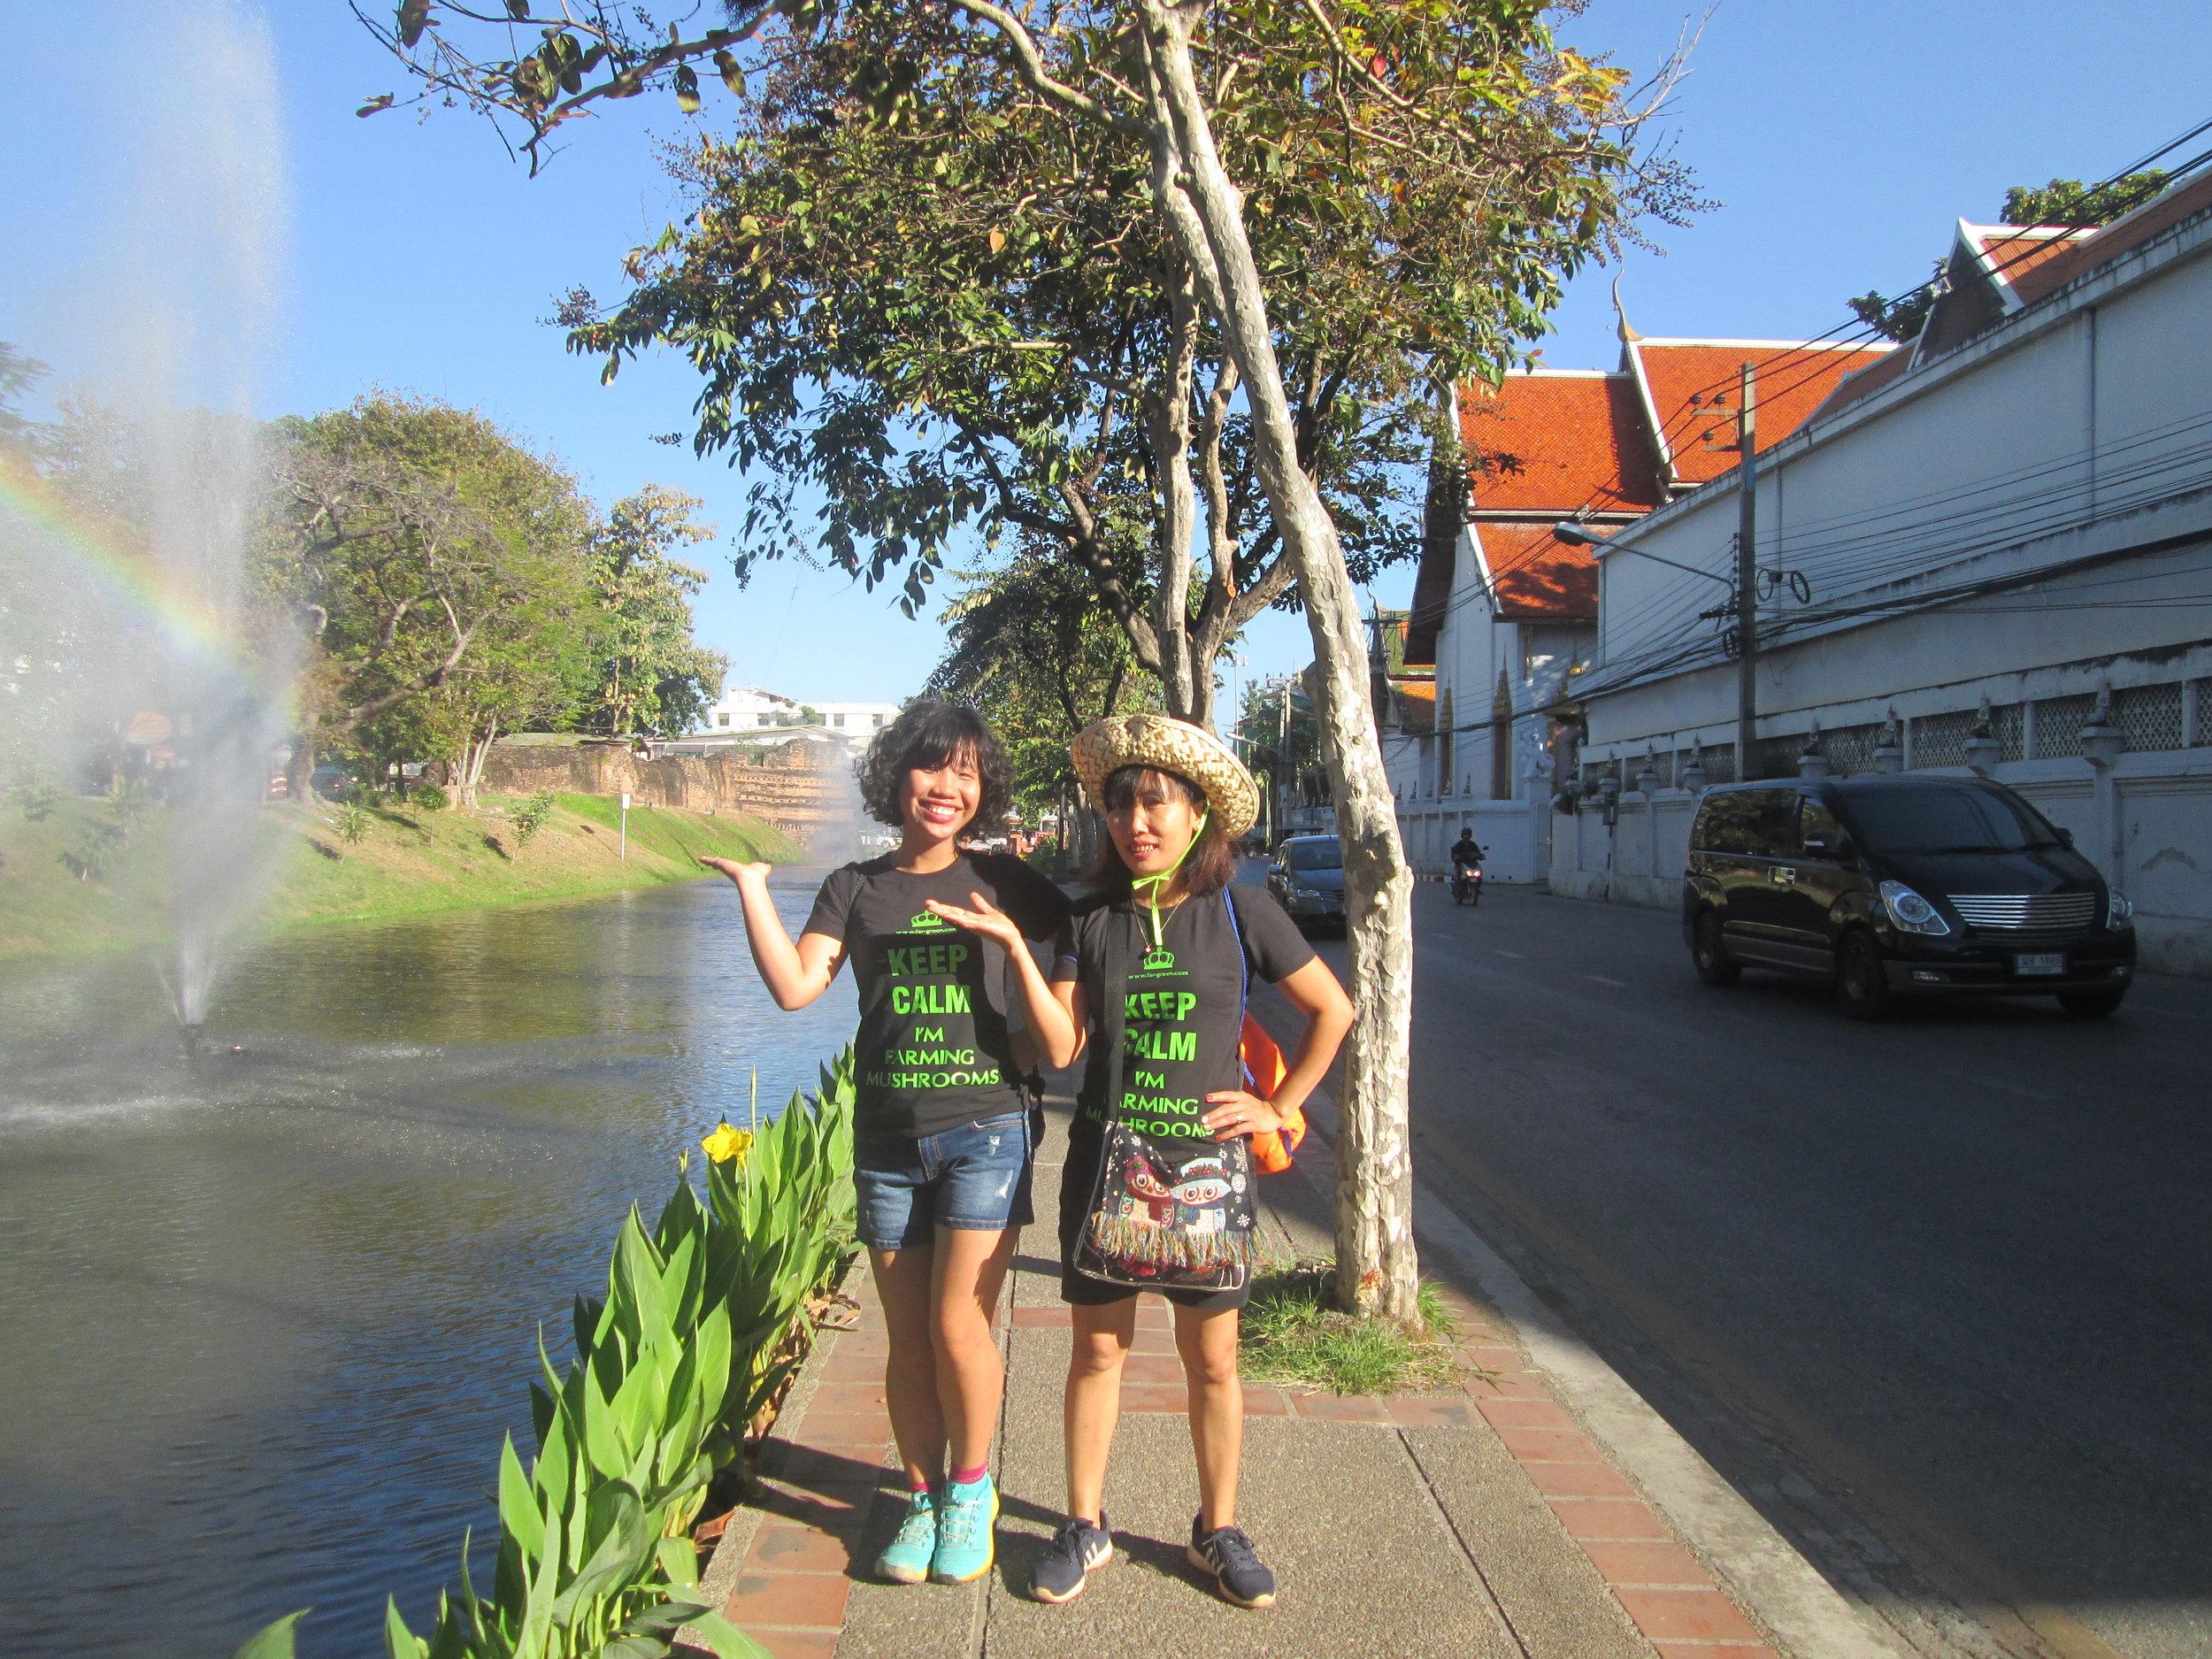 Trang Tran & Duom Luu